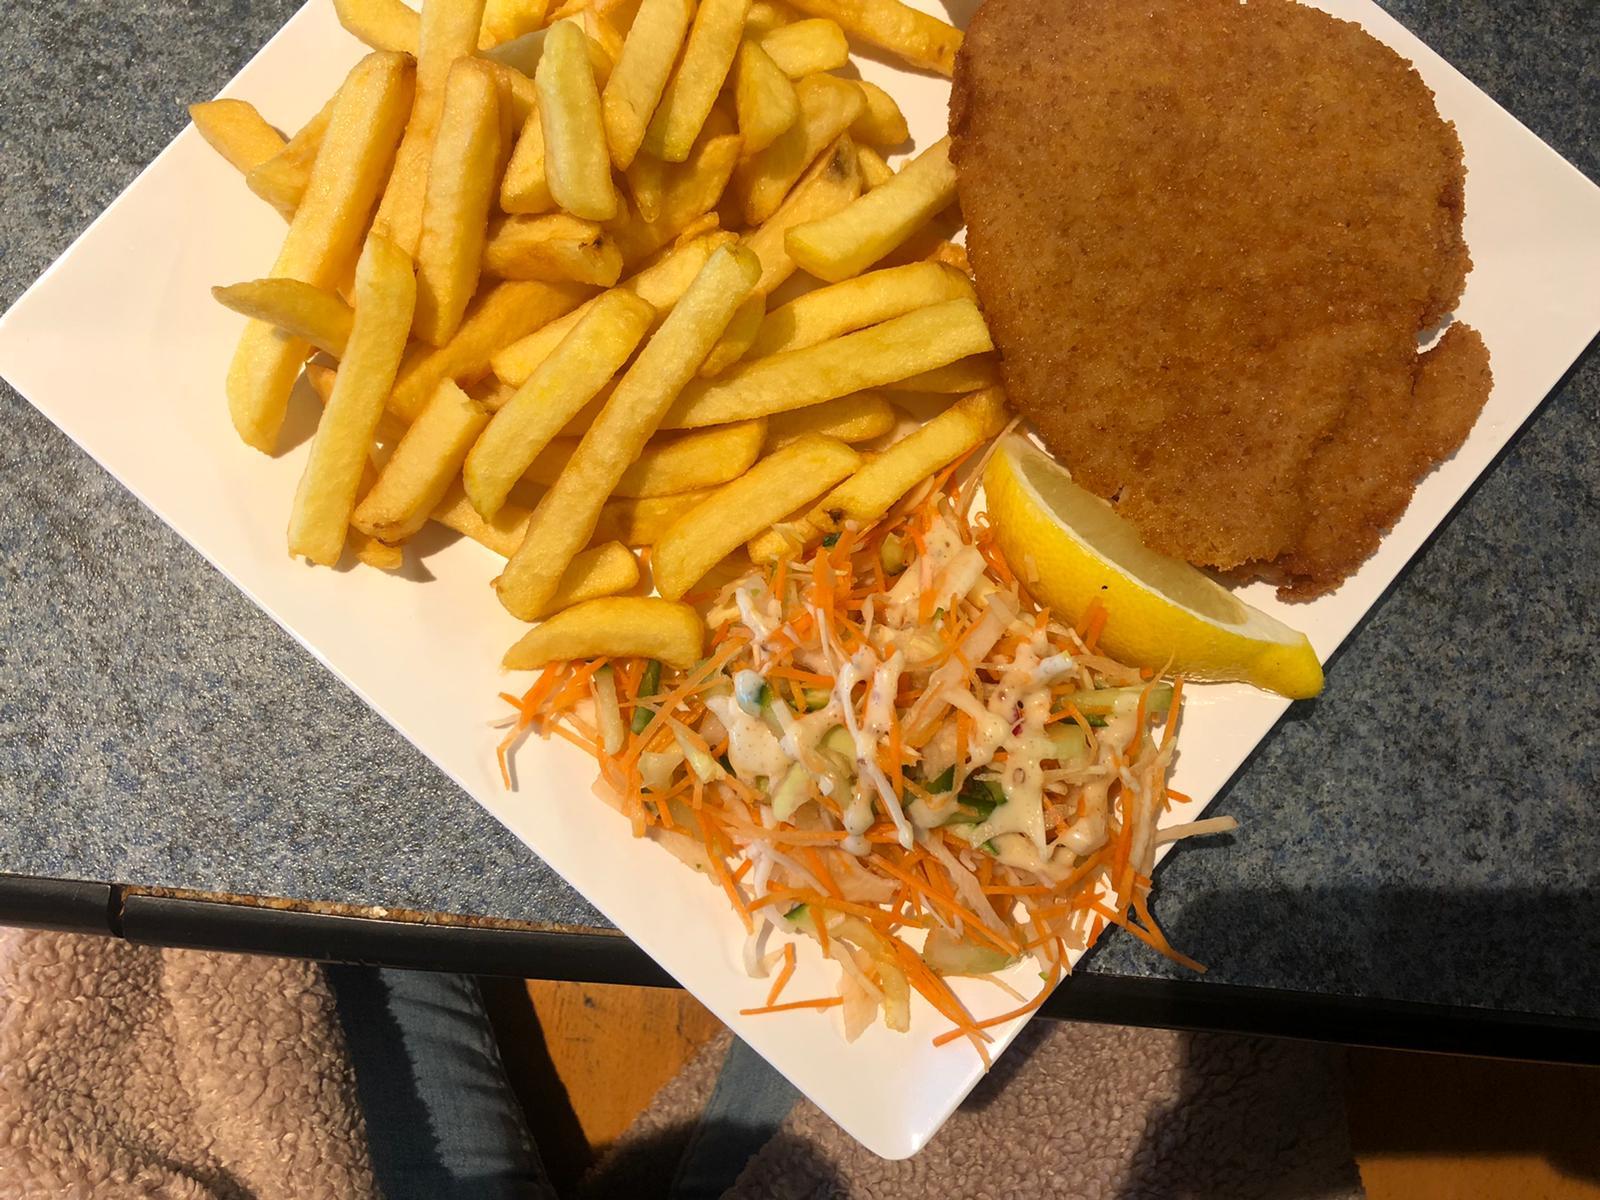 Patat en schnitzel